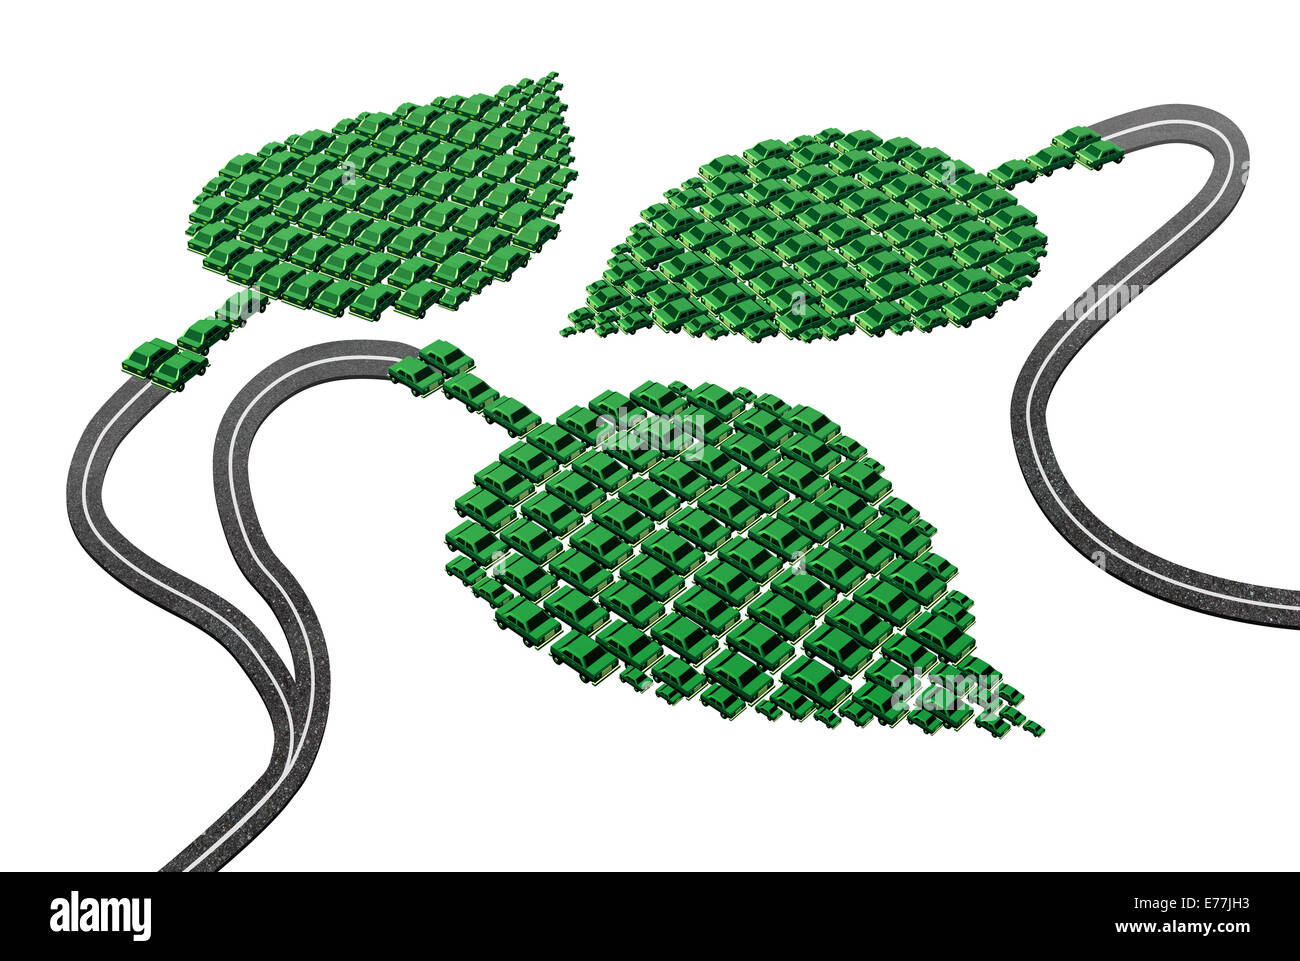 Grüne Transportkonzept als eine Gruppe von Autos und Autos in eine Blattform verbunden mit Straßen als Stockbild